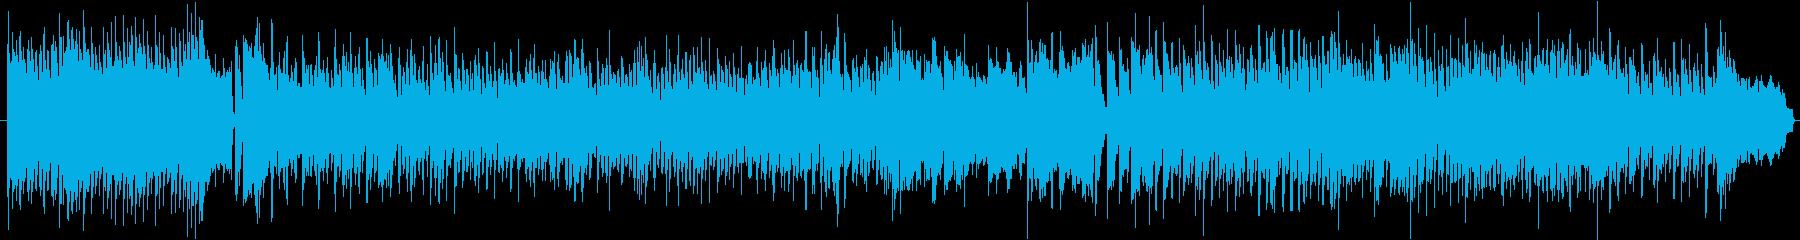 感動的なロックの再生済みの波形